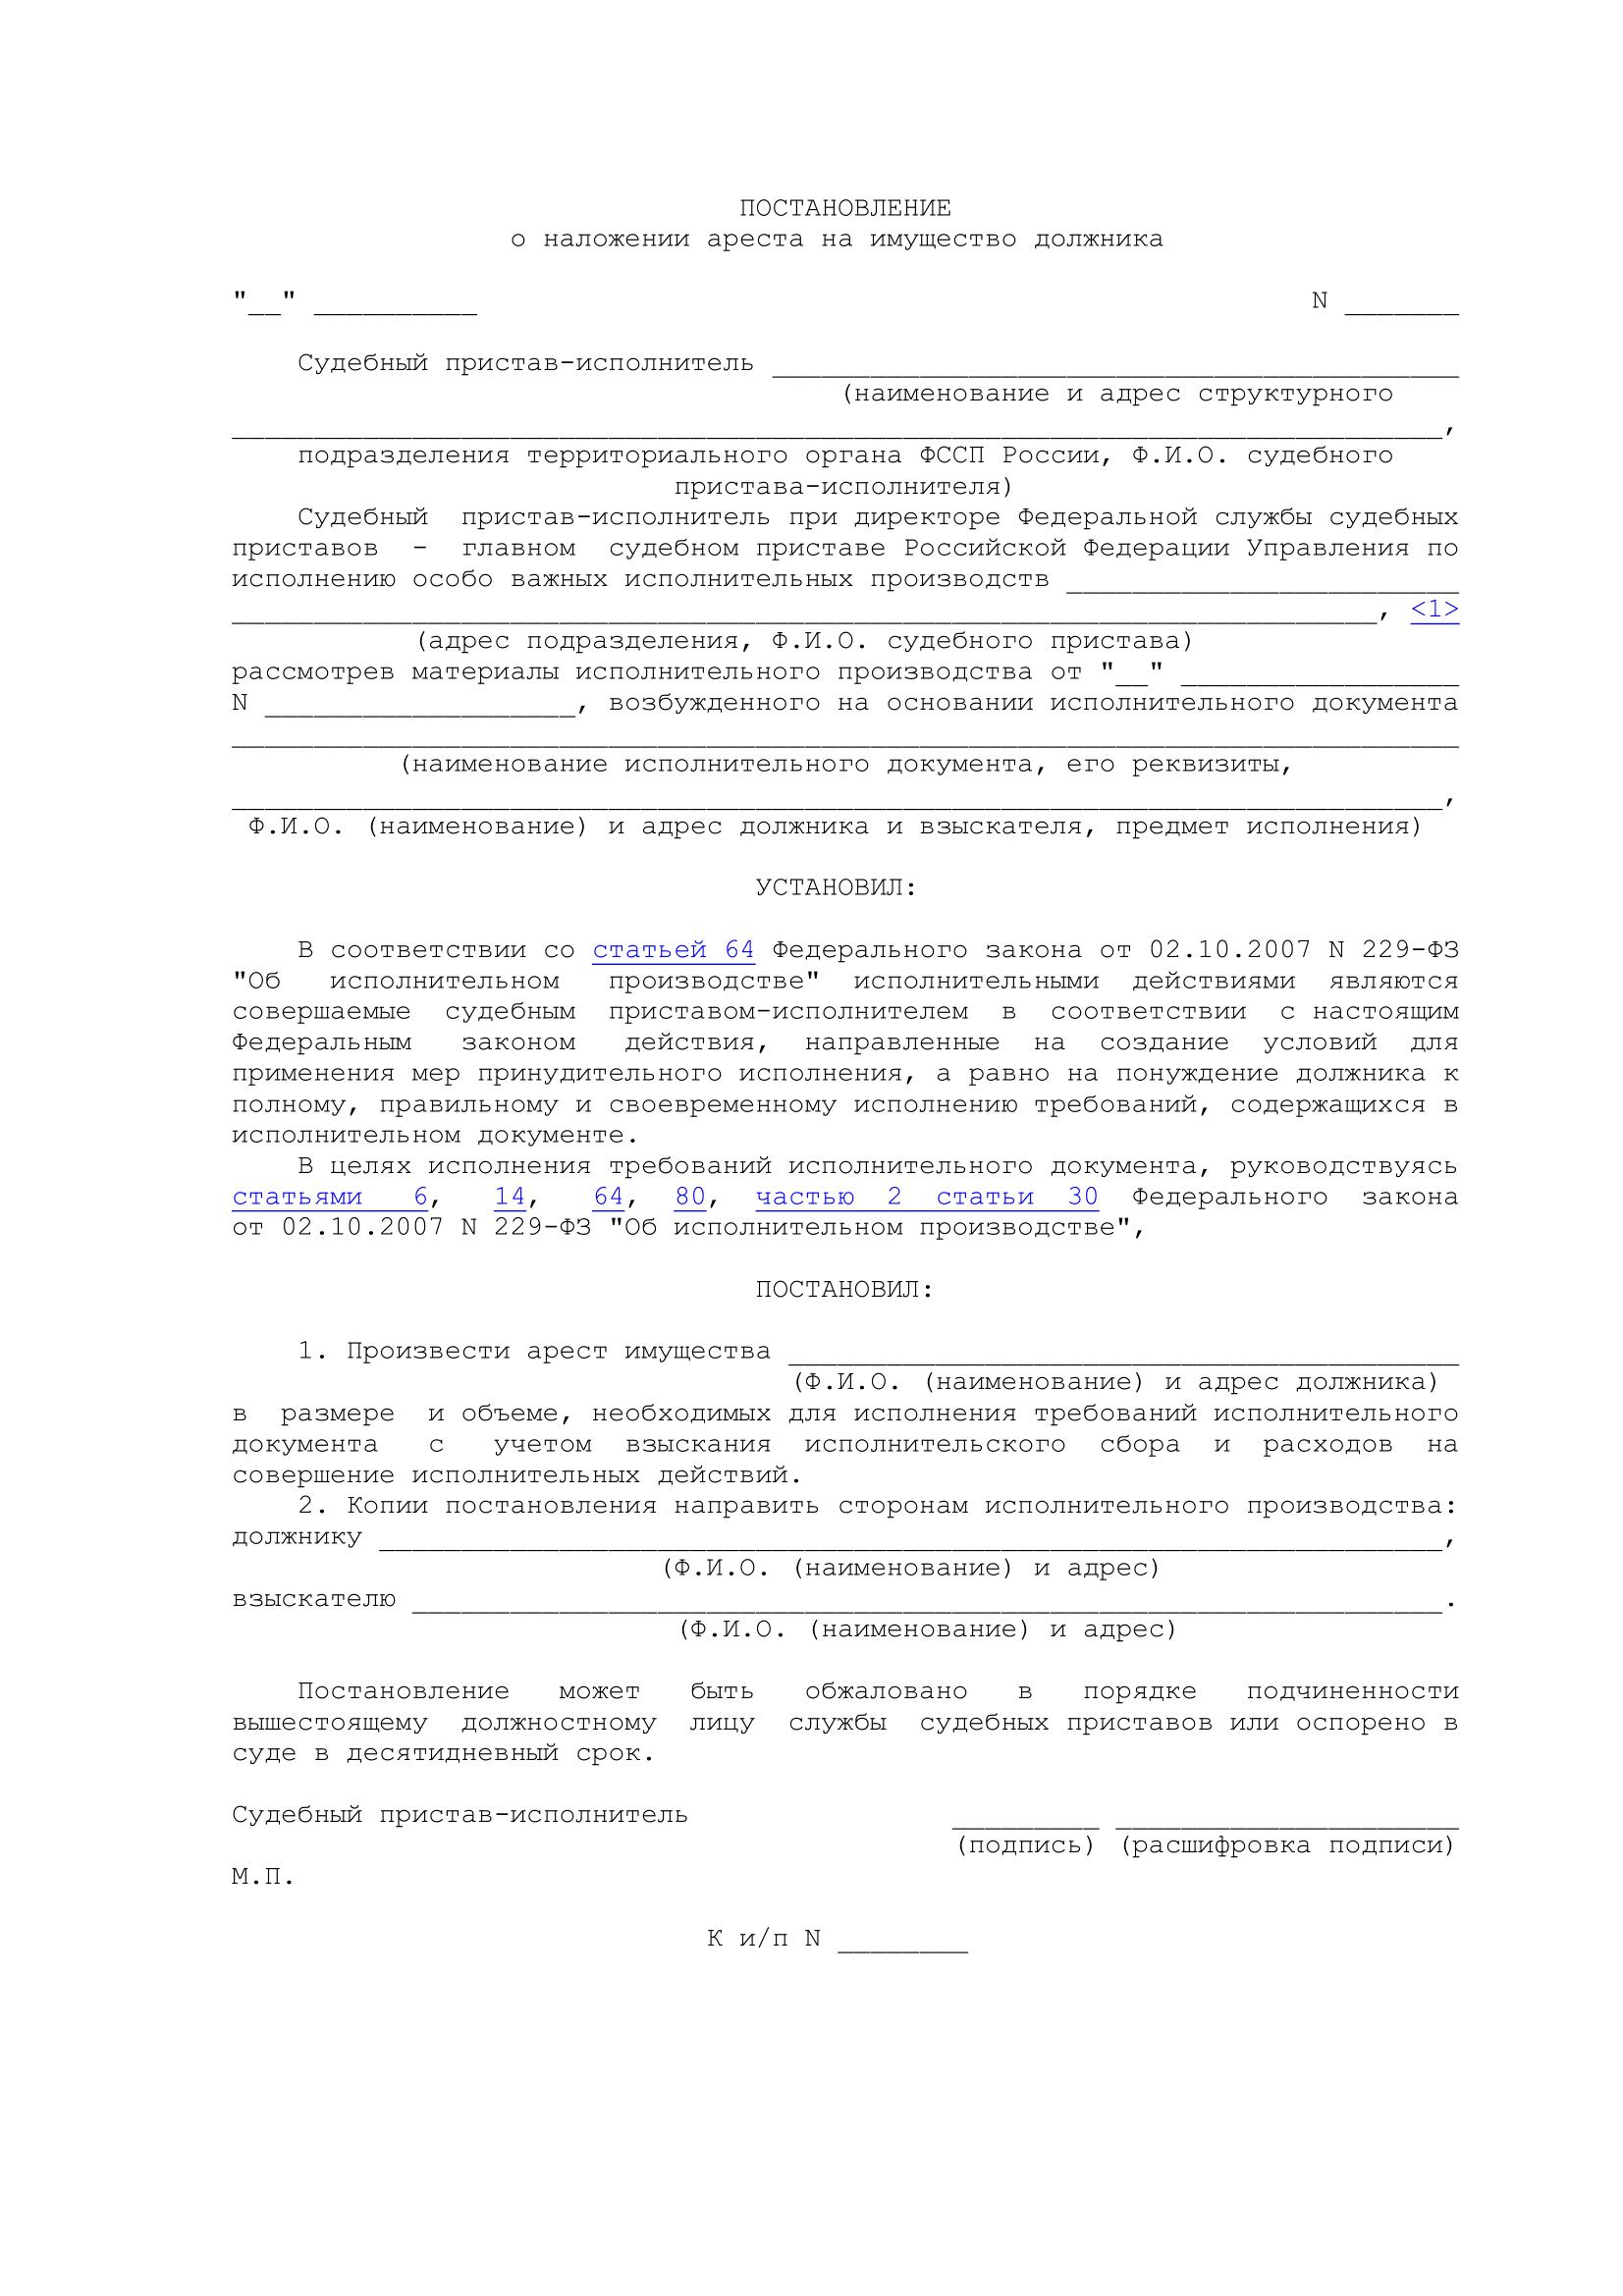 Постановление о наложении ареста на имущество должника